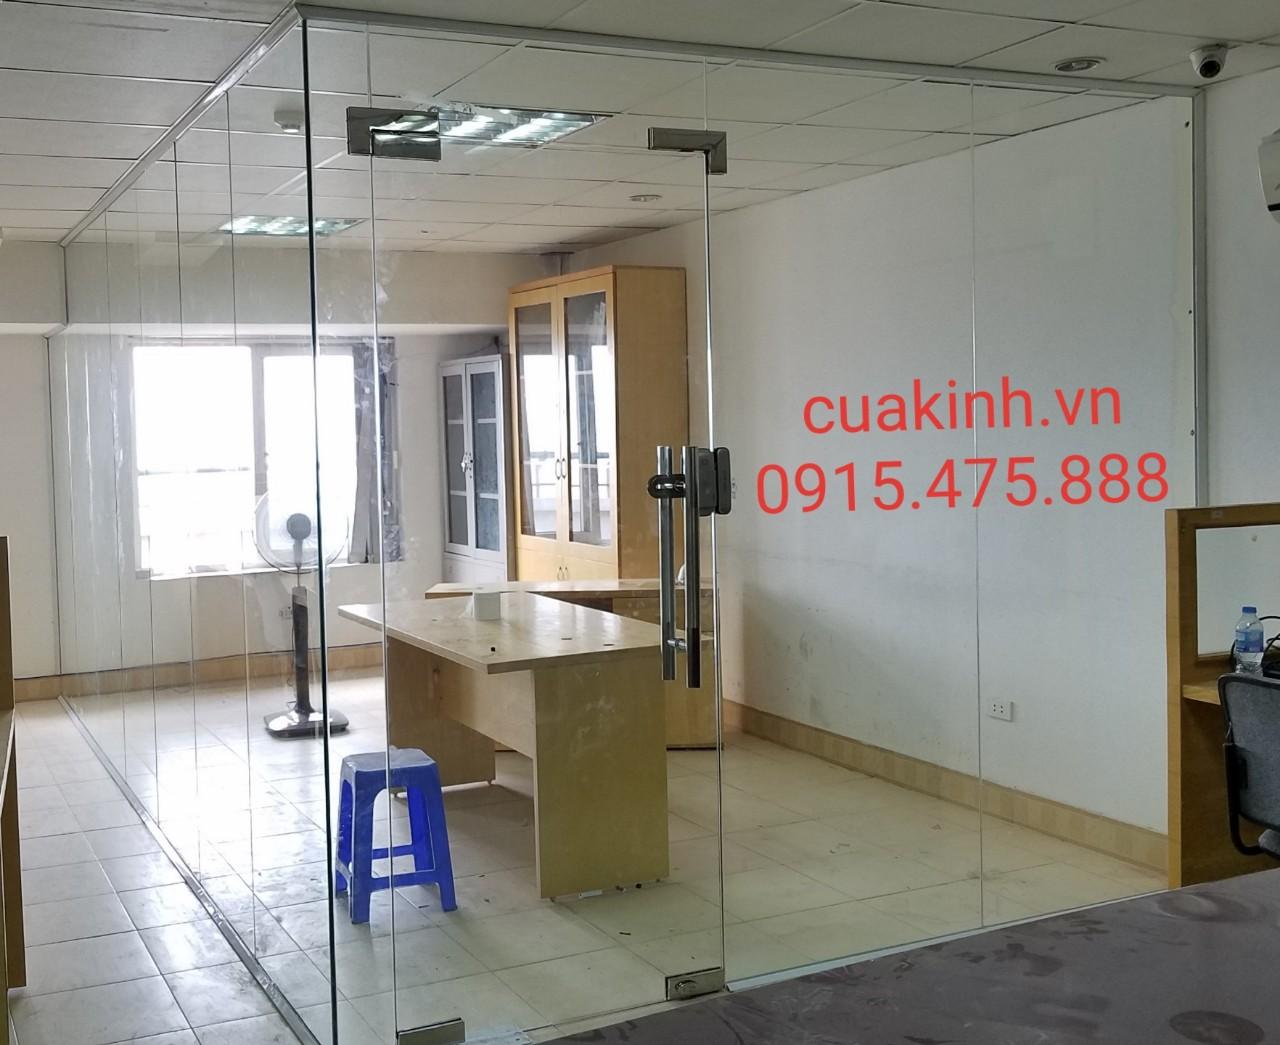 Cửa kính thuỷ lực 1 cánh và vách kính văn phòng